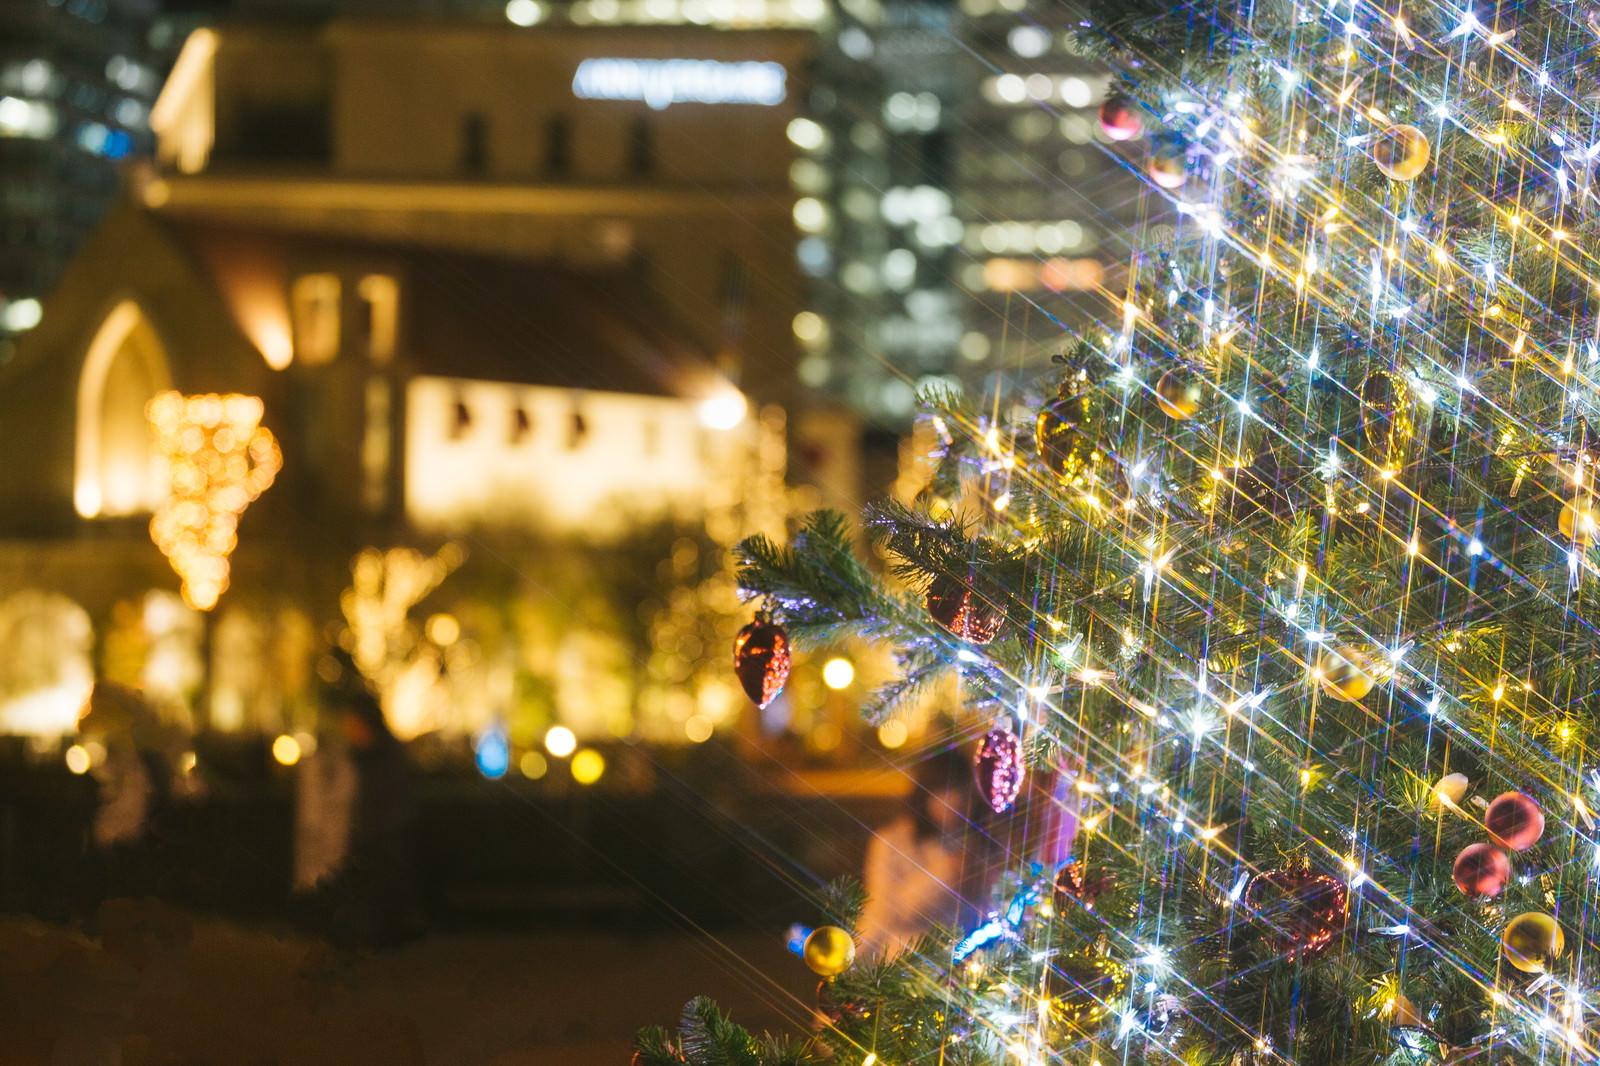 「クリスマスツリーと街並み(夜景)クリスマスツリーと街並み(夜景)」のフリー写真素材を拡大